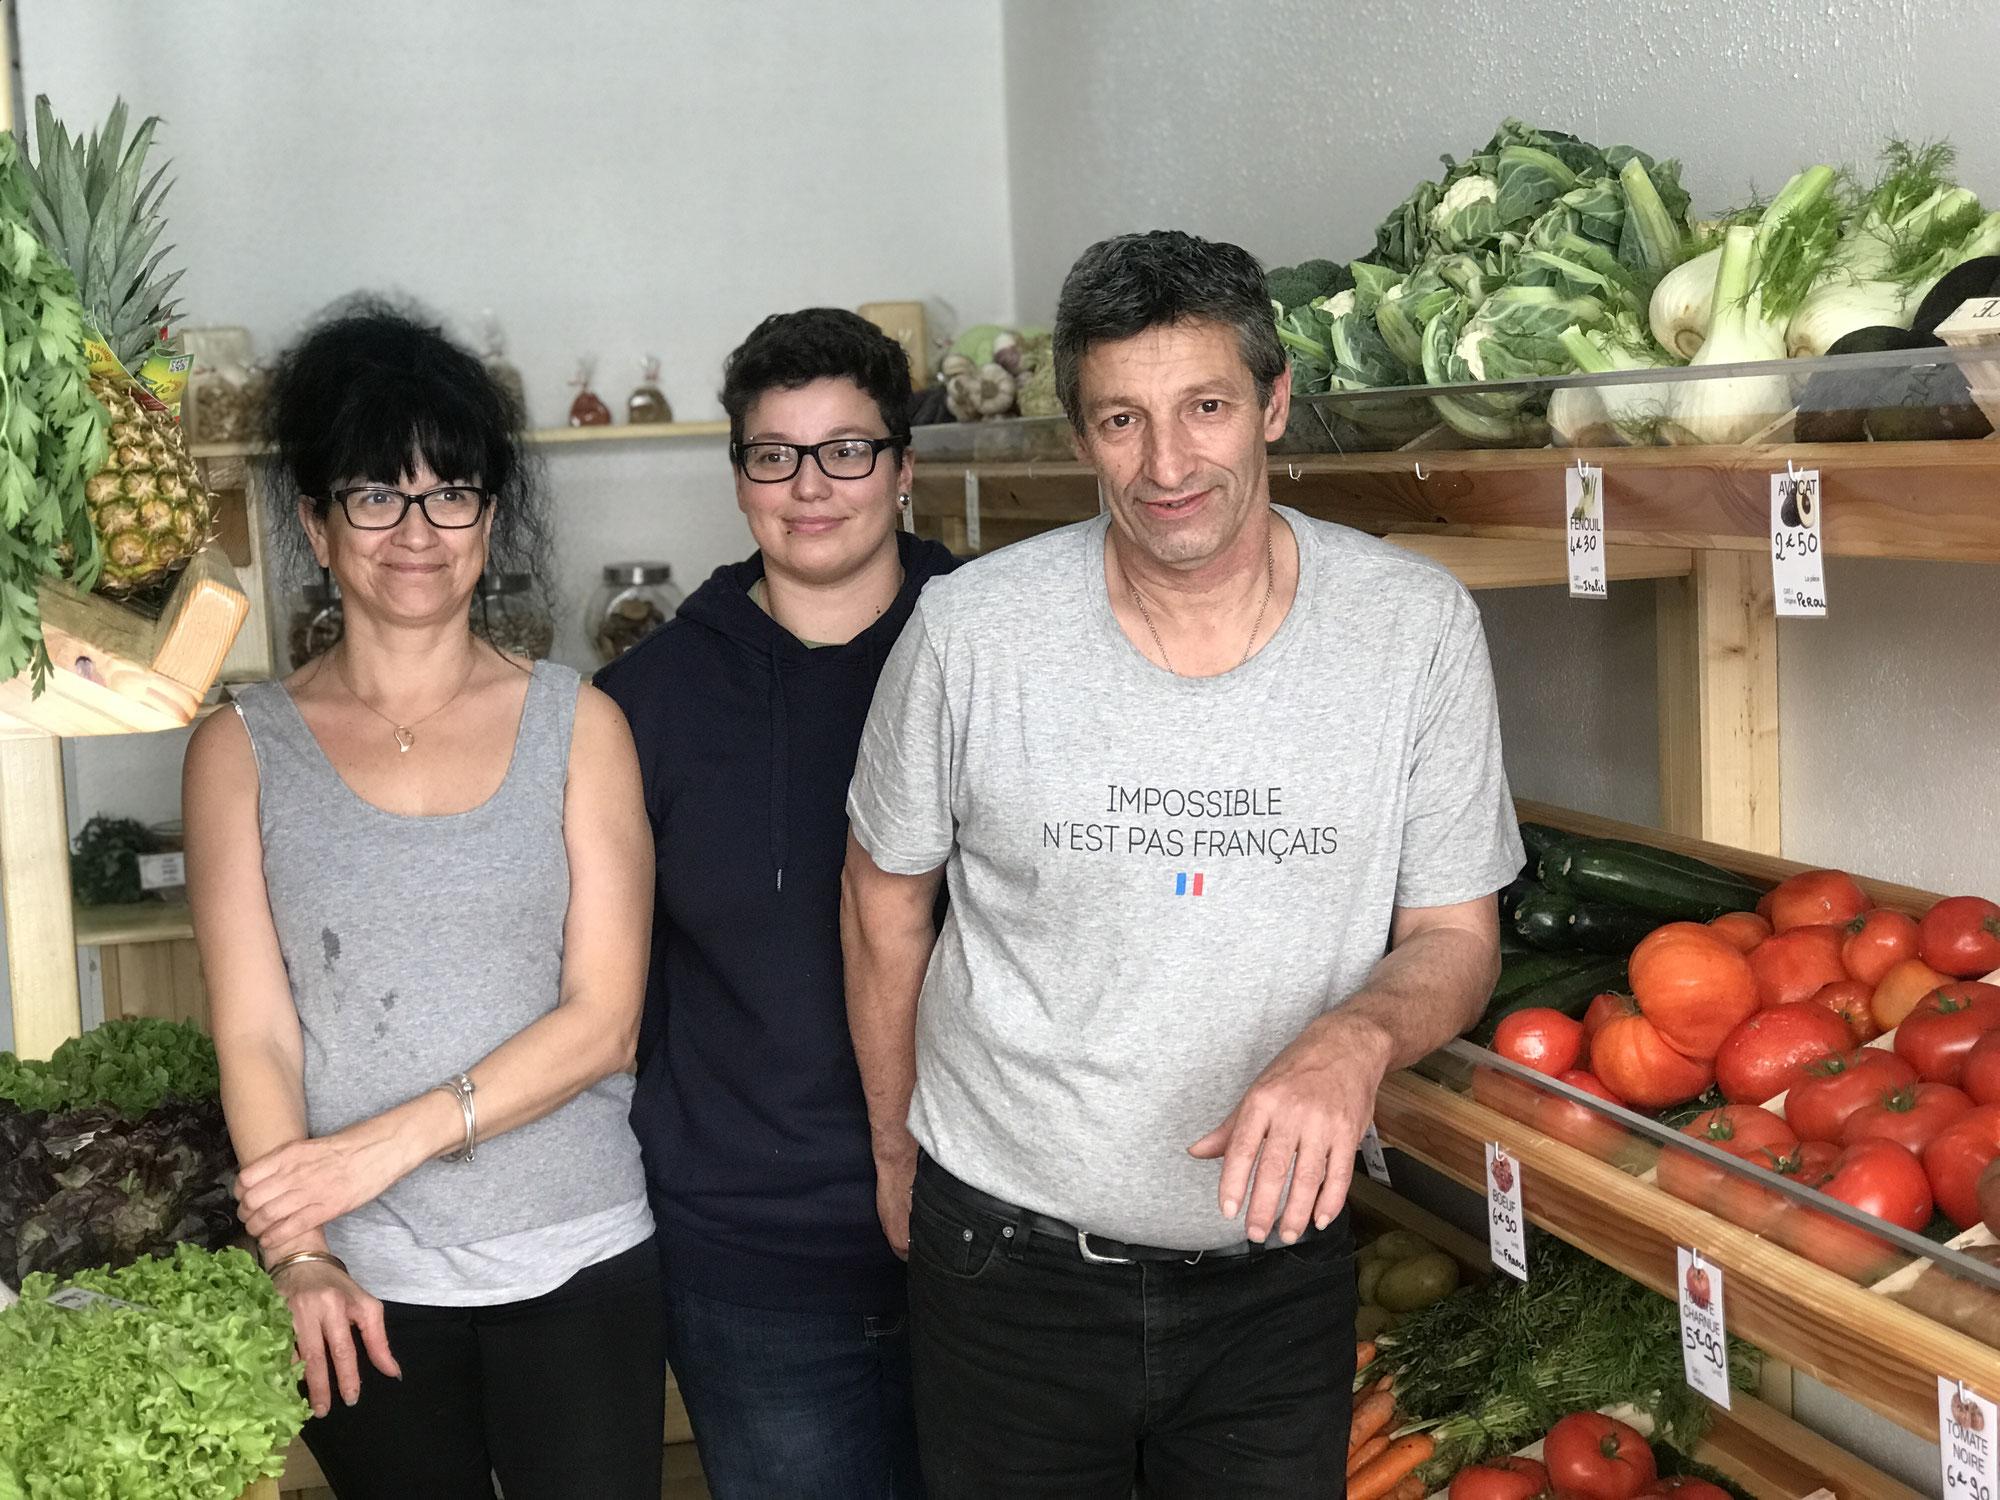 L'épicerie de fruits & légumes Labbé : Ouverte tous les matins !